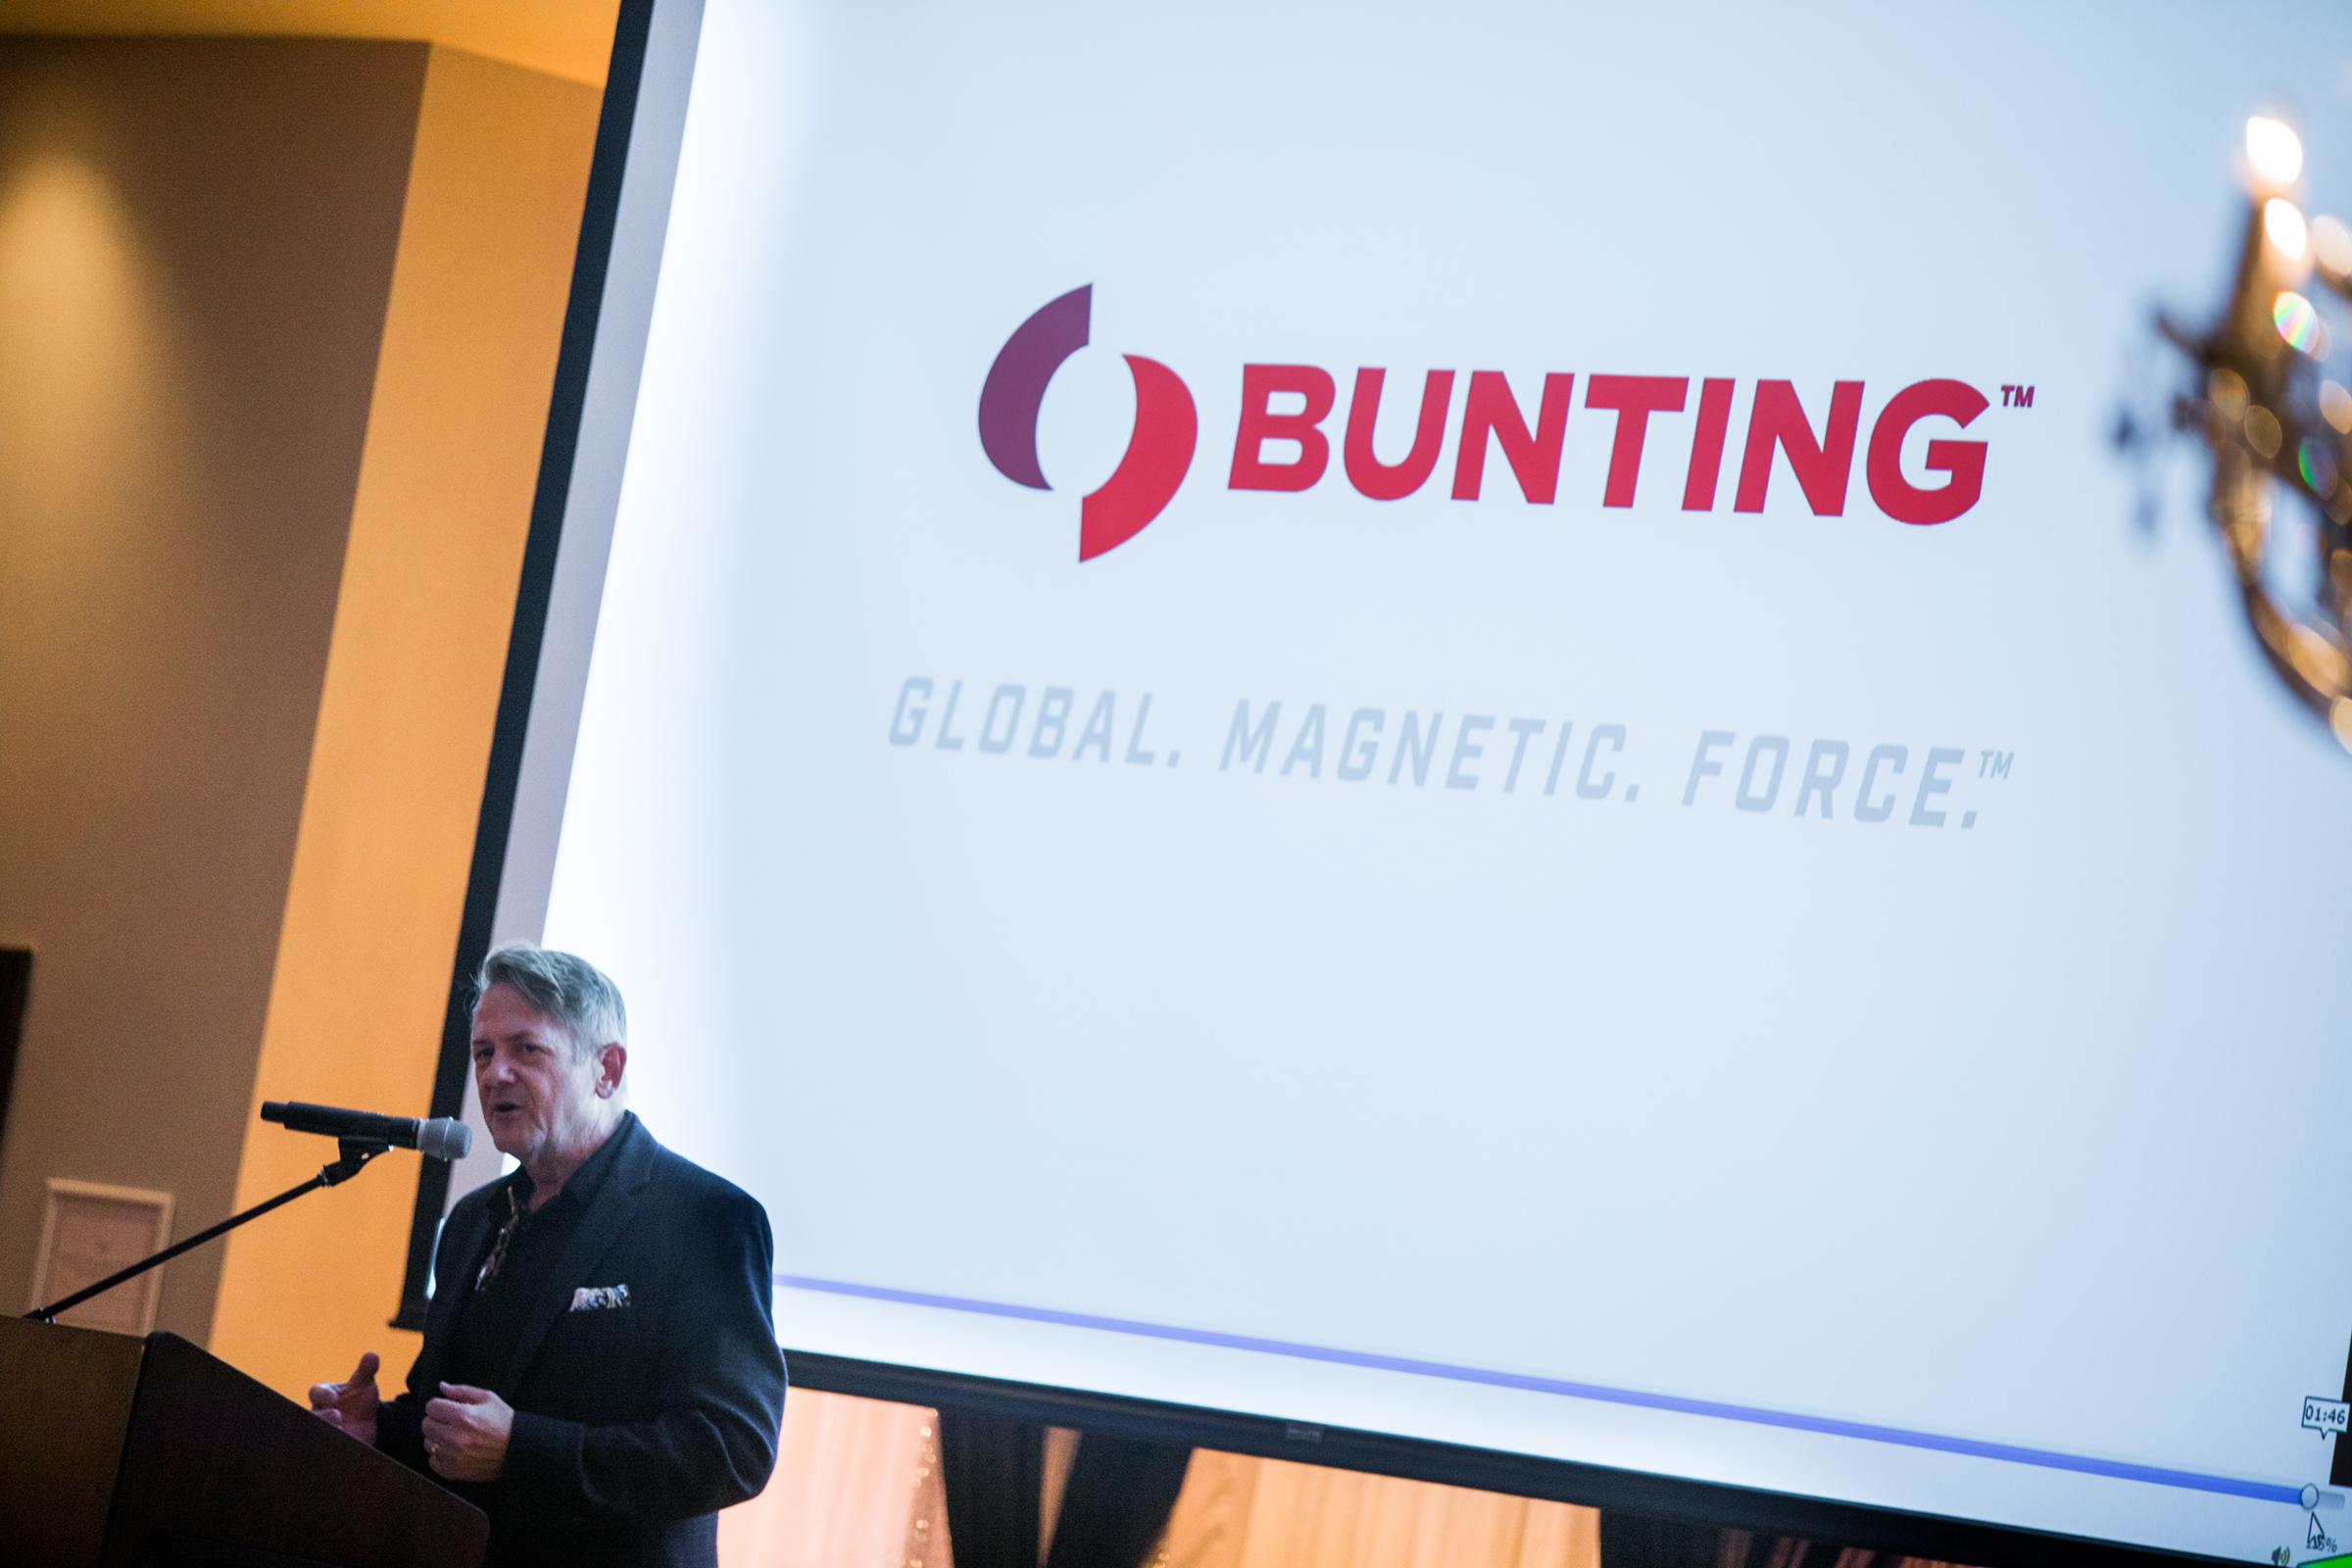 Bunting rebranding